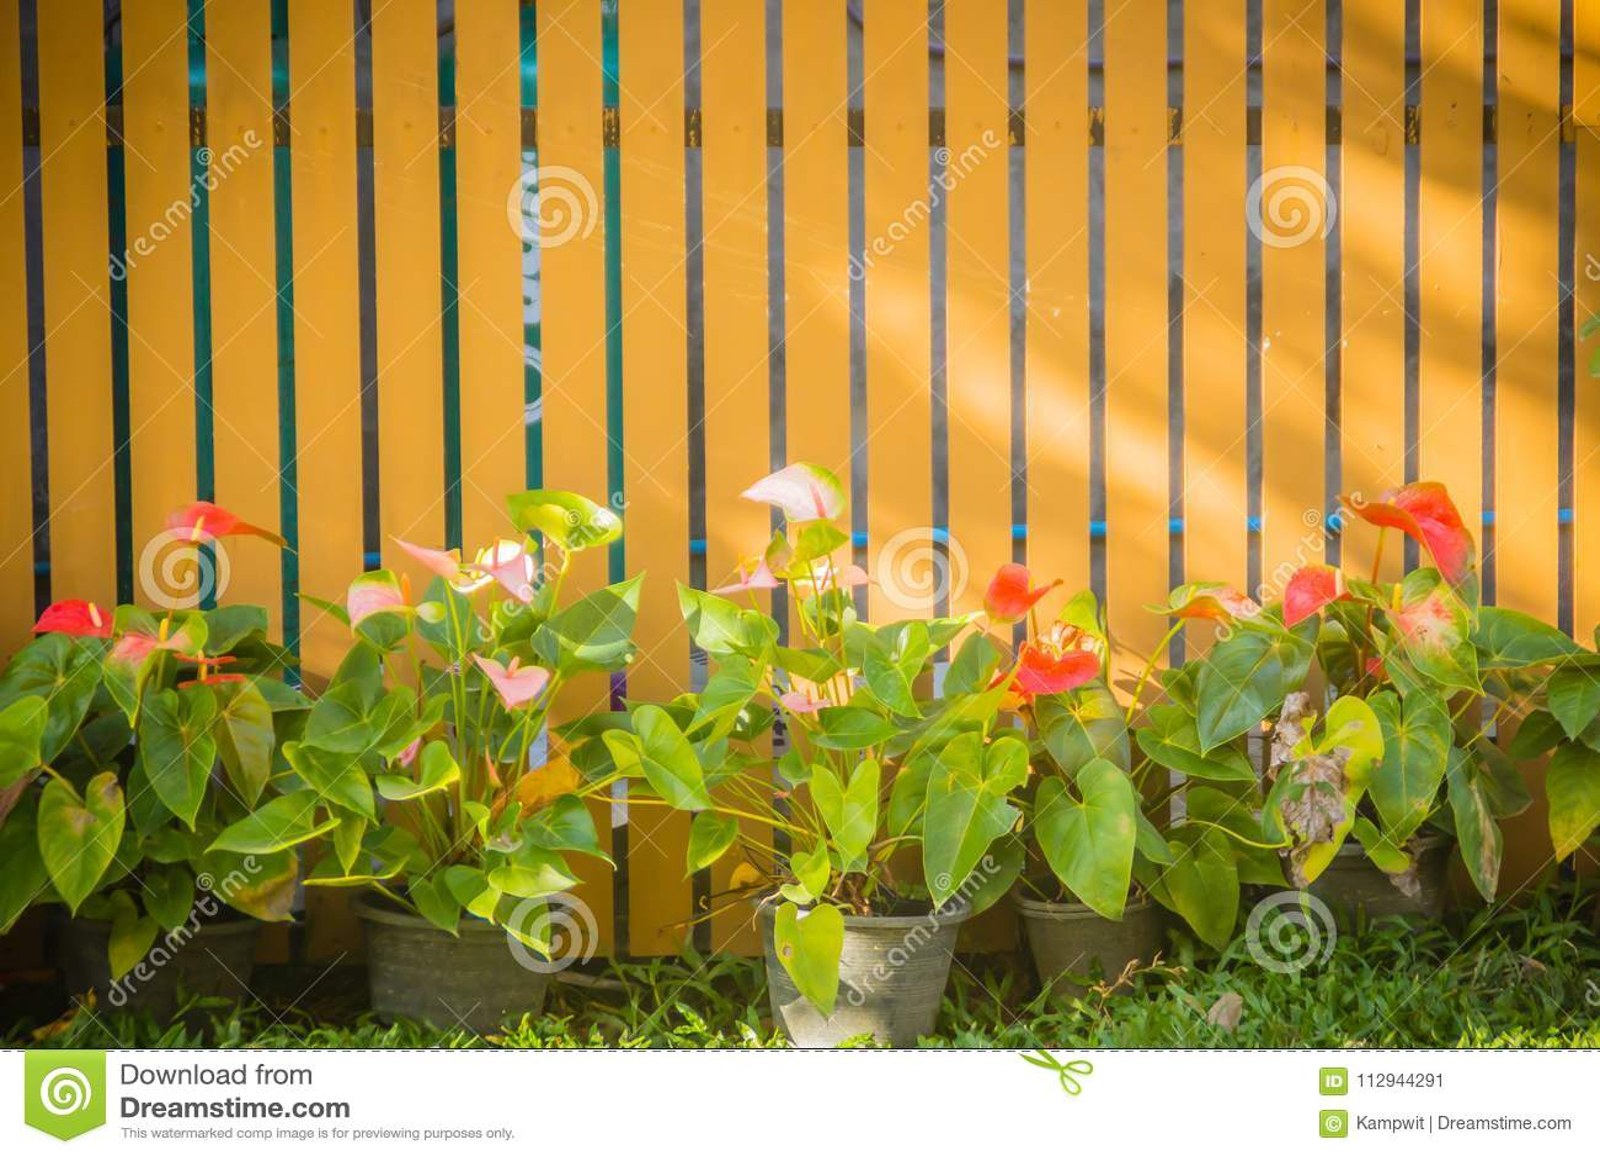 Beau Mur Vertical En Bois De Jardin Avec Le Pot De Fleur